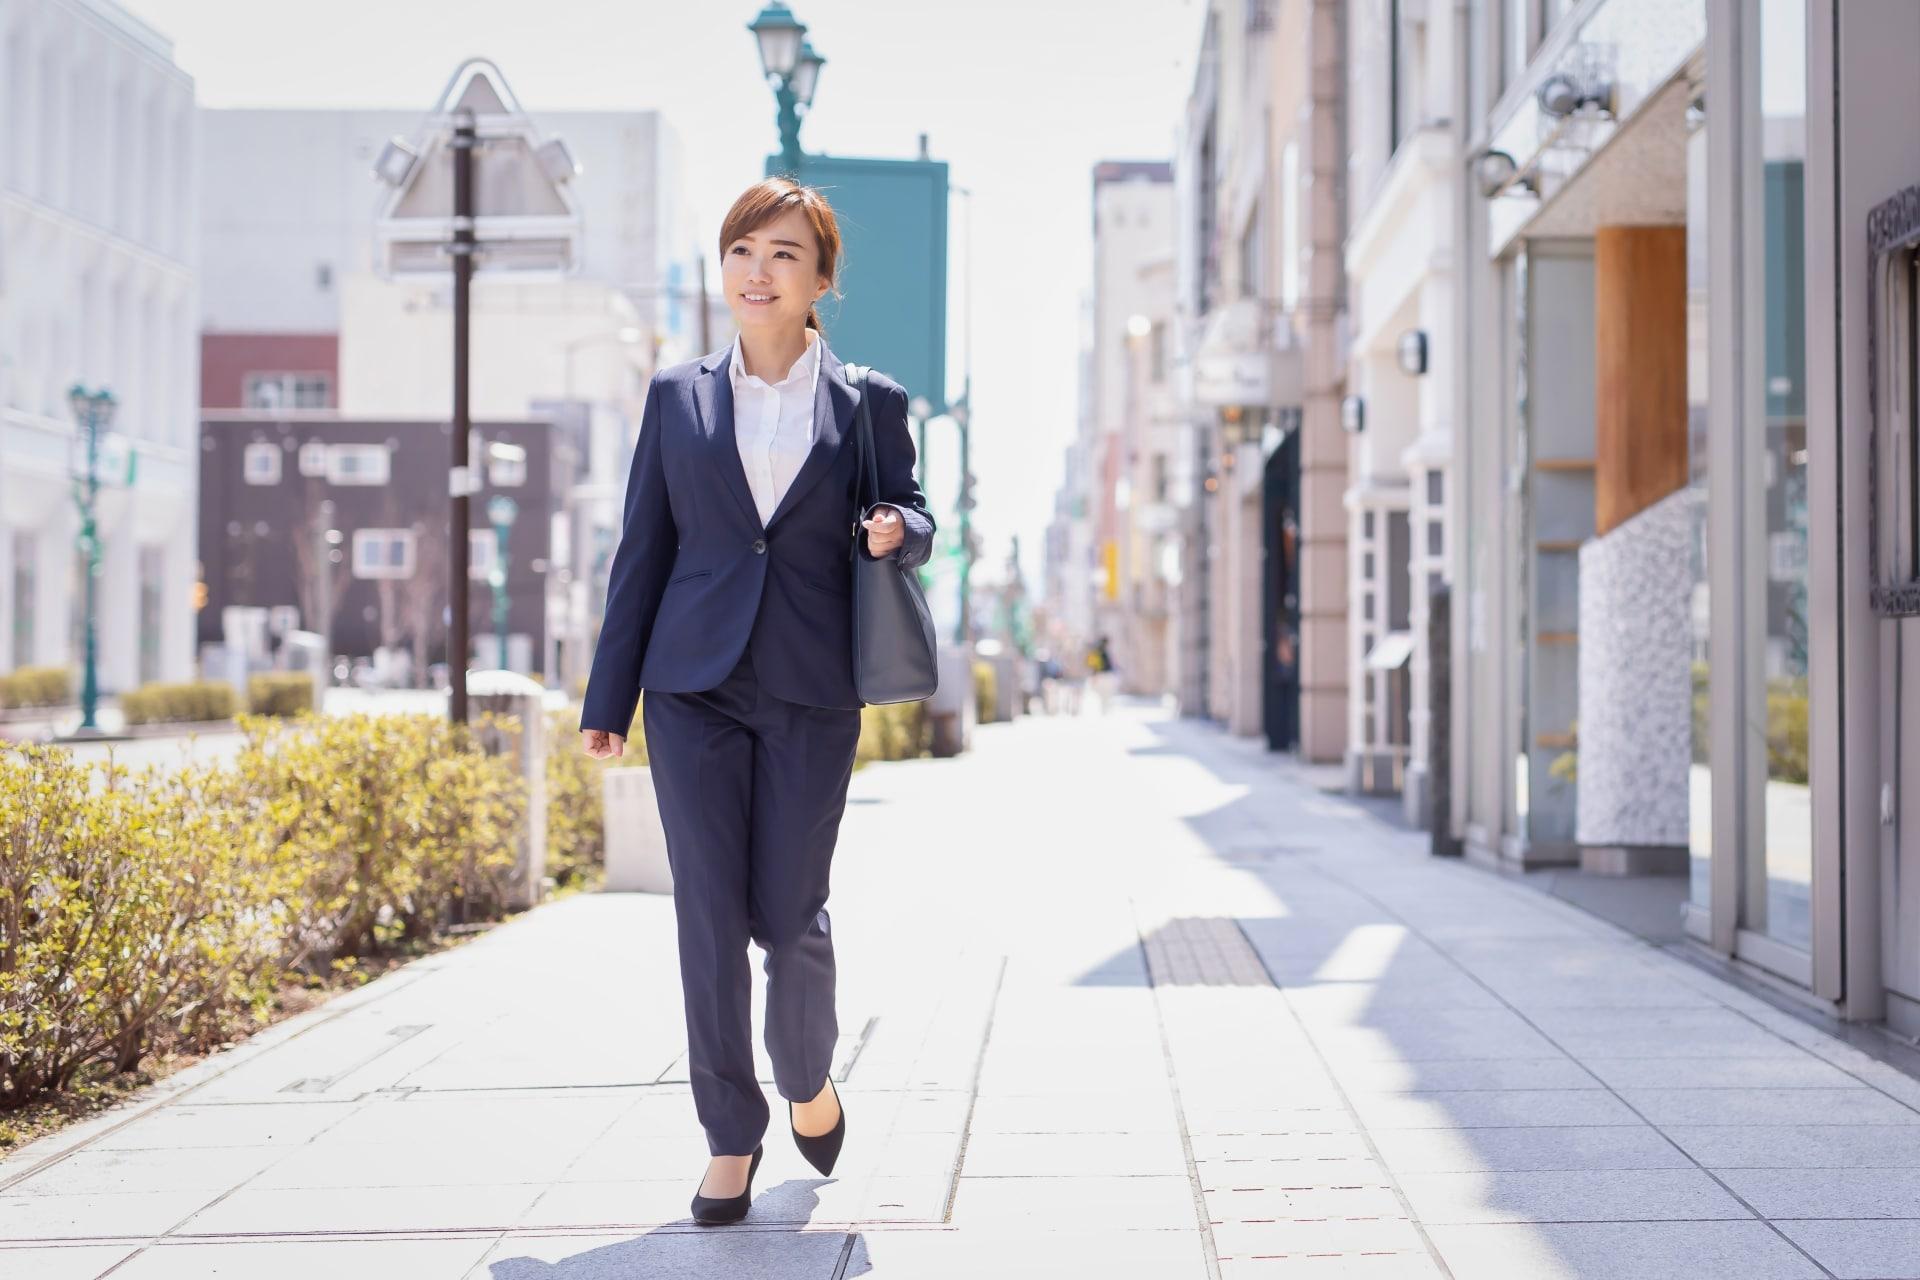 スーツの女性